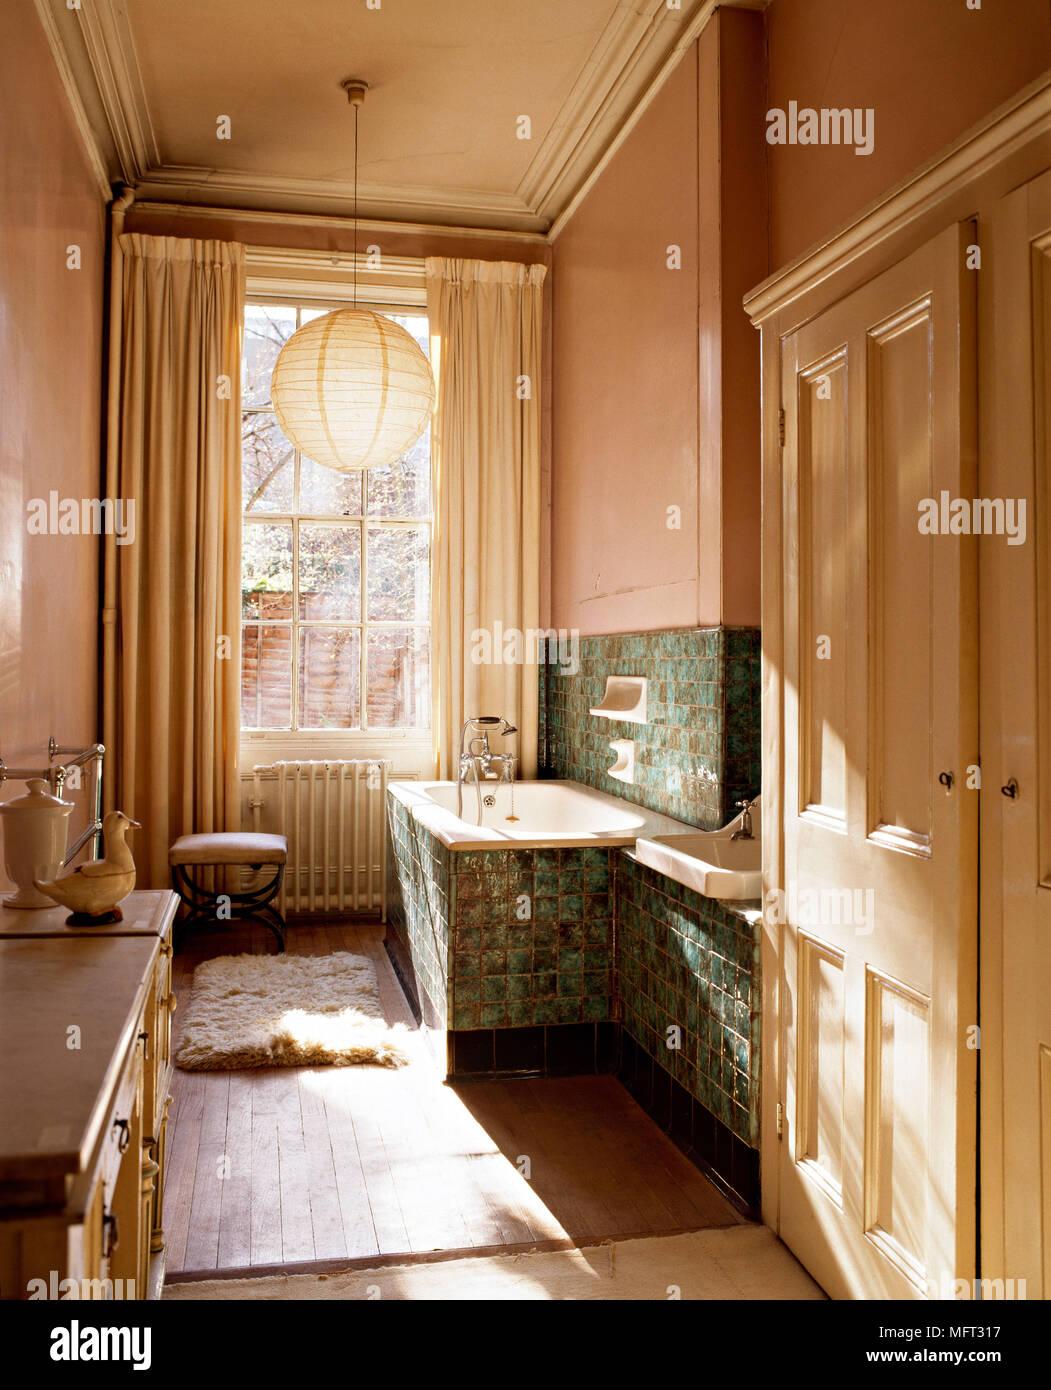 https://c8.alamy.com/compde/mft317/traditionelle-badezimmer-badewanne-in-fliesen-set-surround-vorhange-papier-kugel-licht-schatten-interieur-bader-bader-warmen-farben-zeitraum-funktionen-mft317.jpg